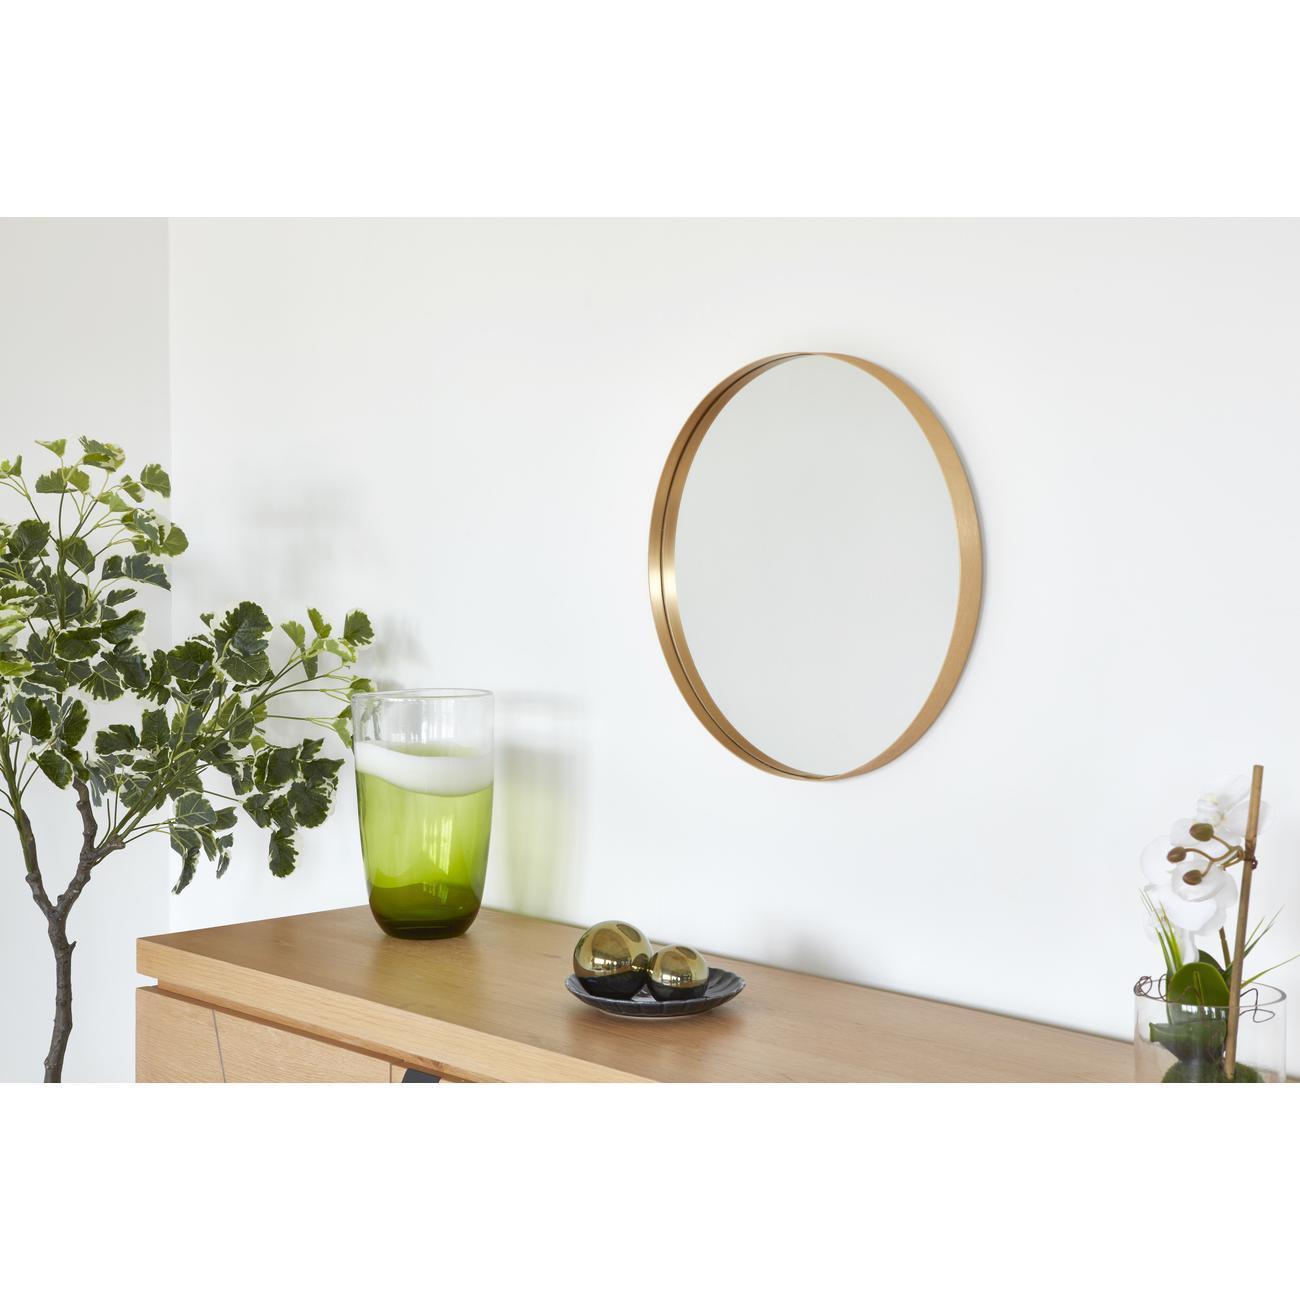 Miroir rond MELK